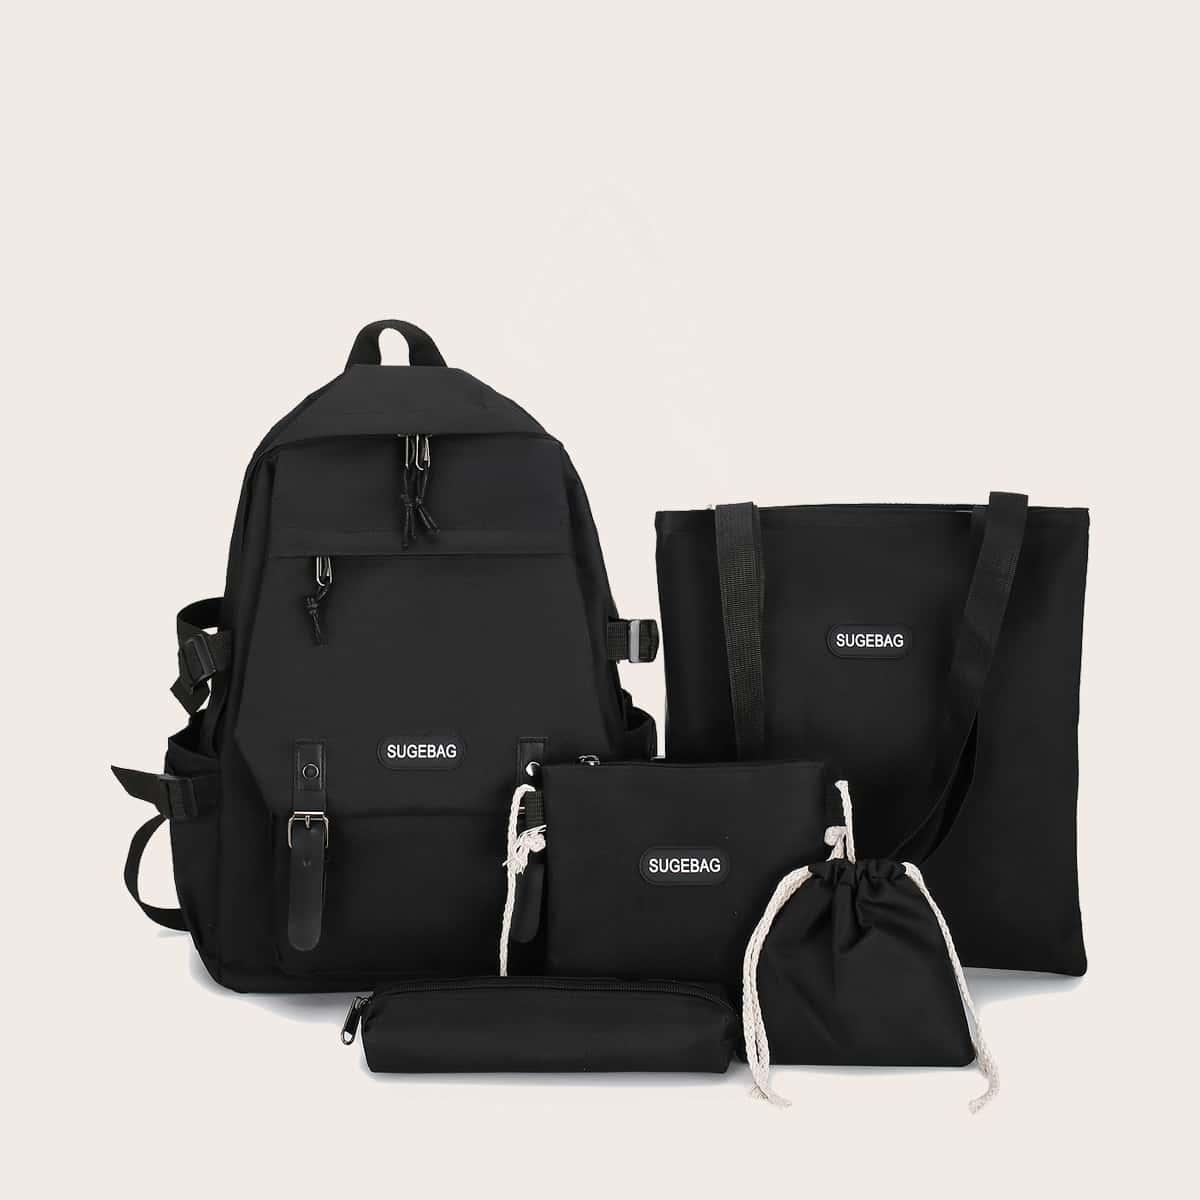 5шт комплект мужского рюкзака с текстовым принтом от SHEIN